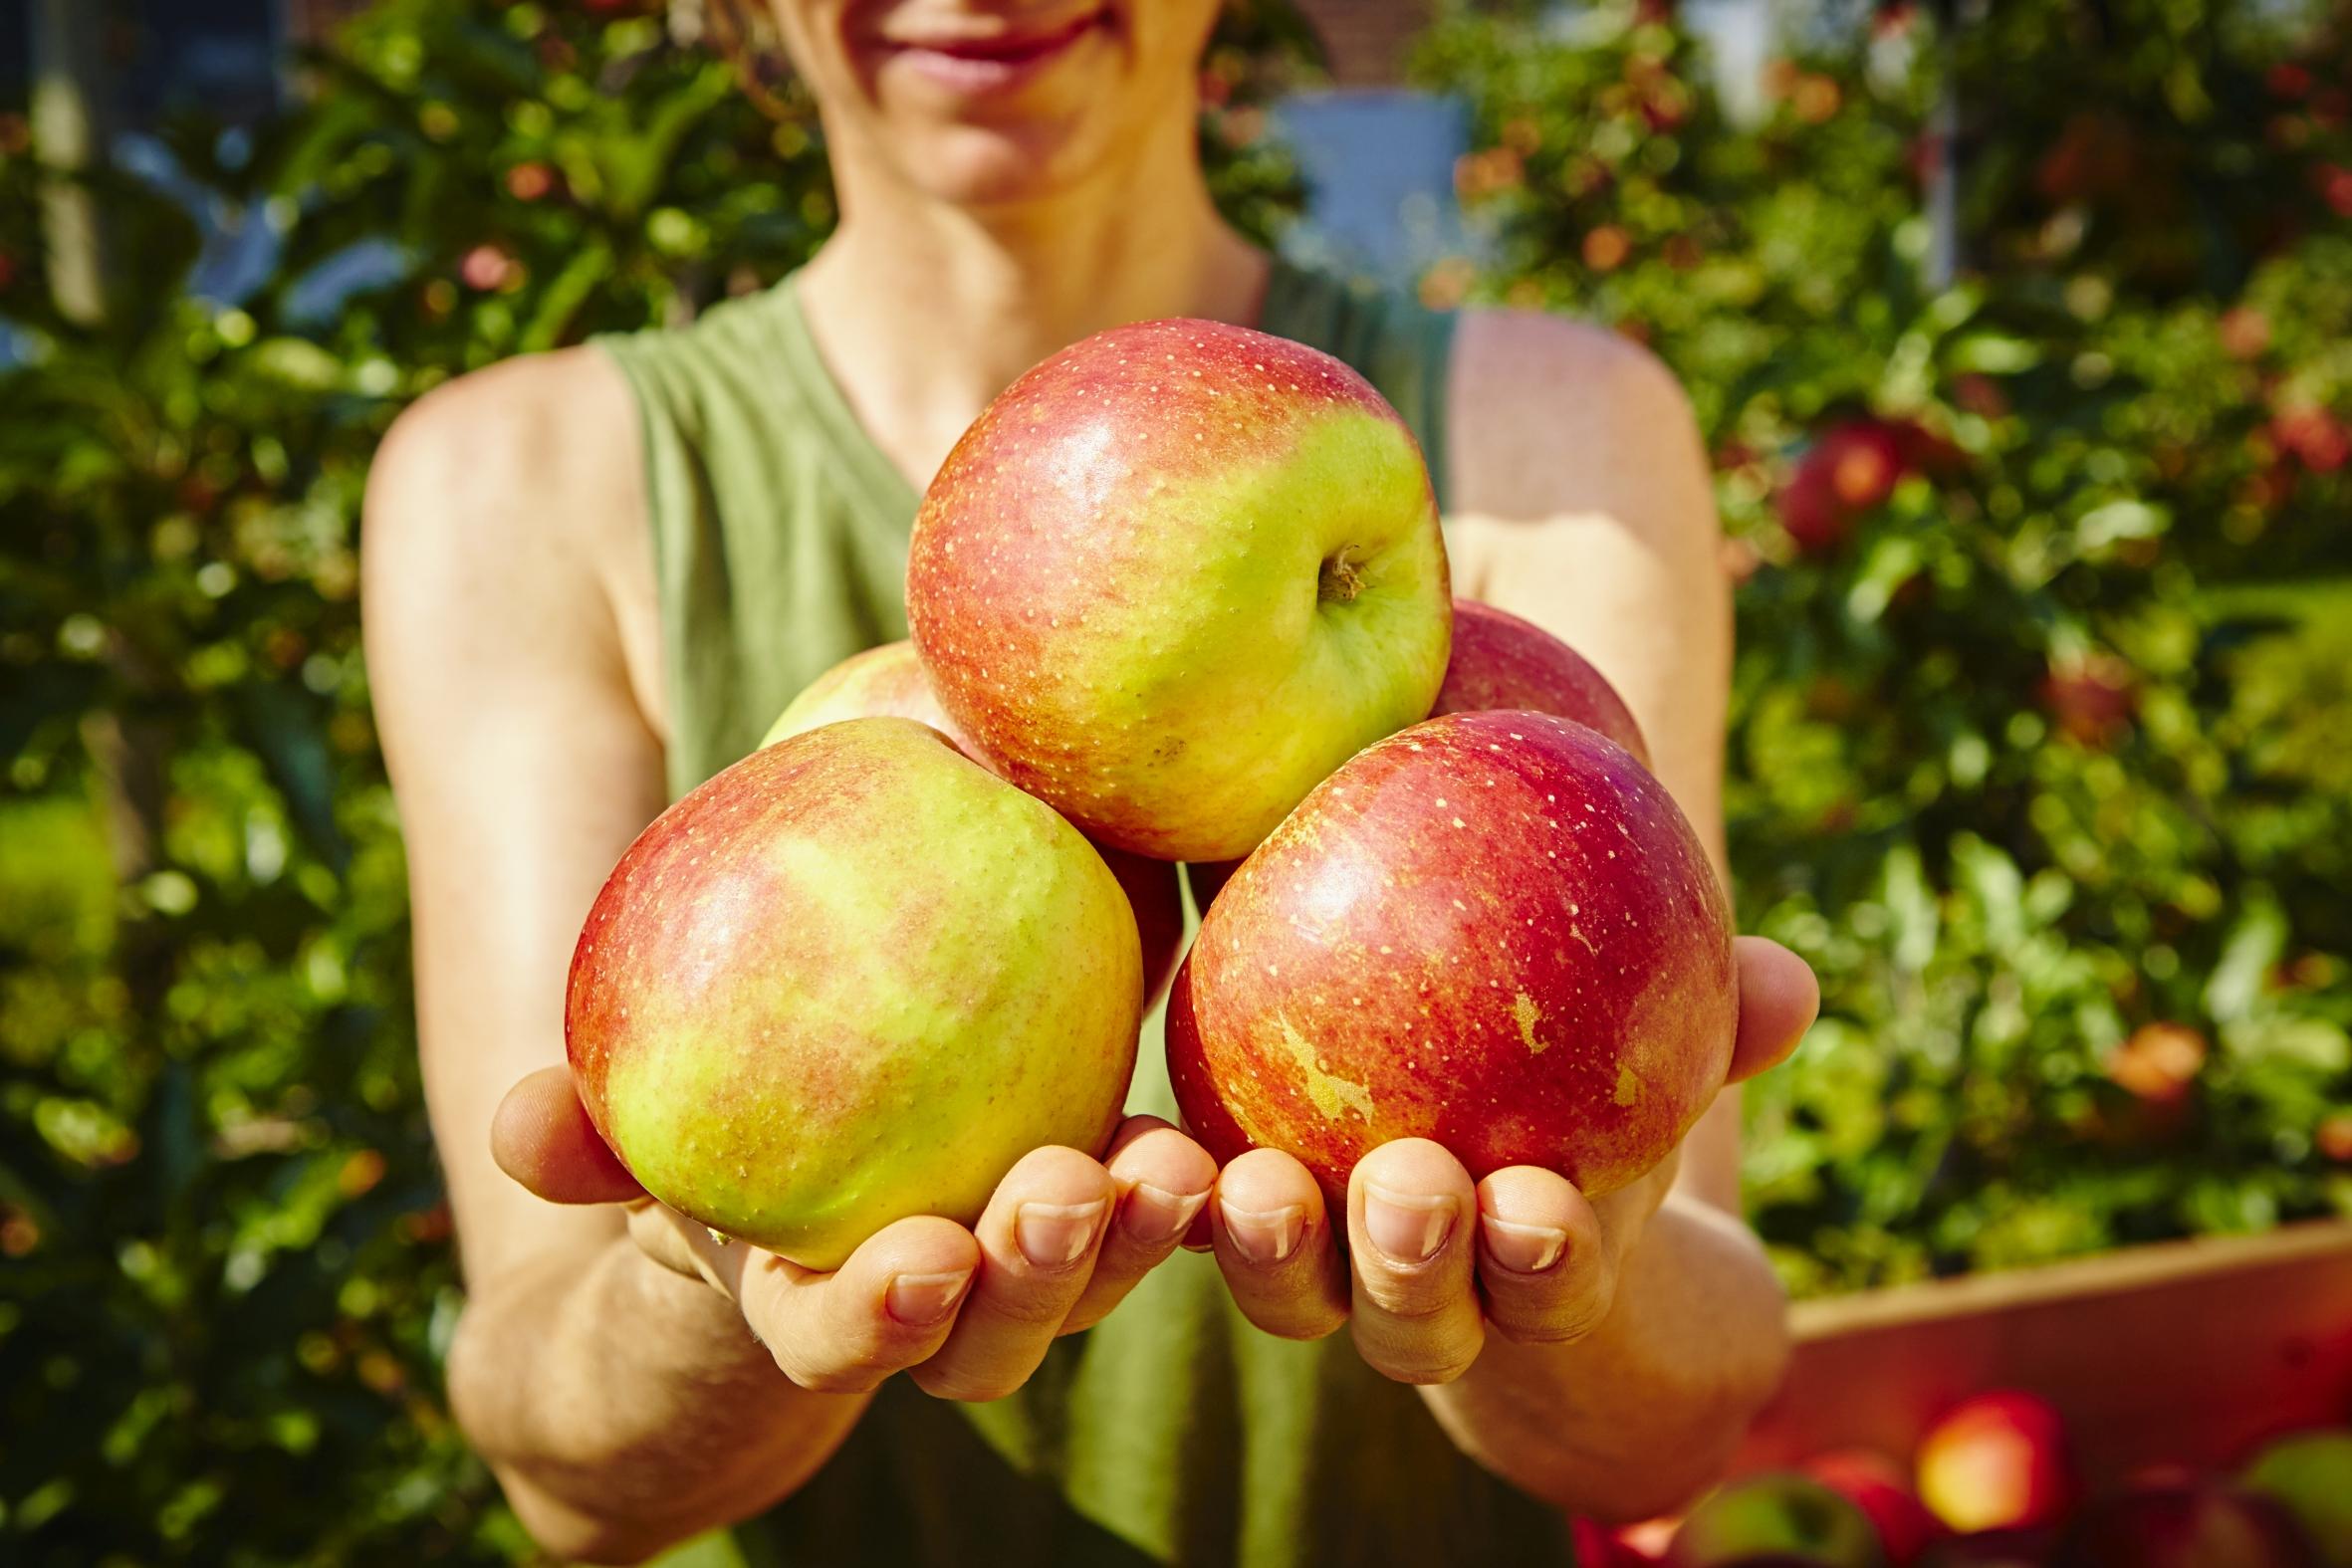 Jetzt erntereife Äpfel und Birnen aus deutschem Anbau genießen – und damit die Artenvielfalt fördern!